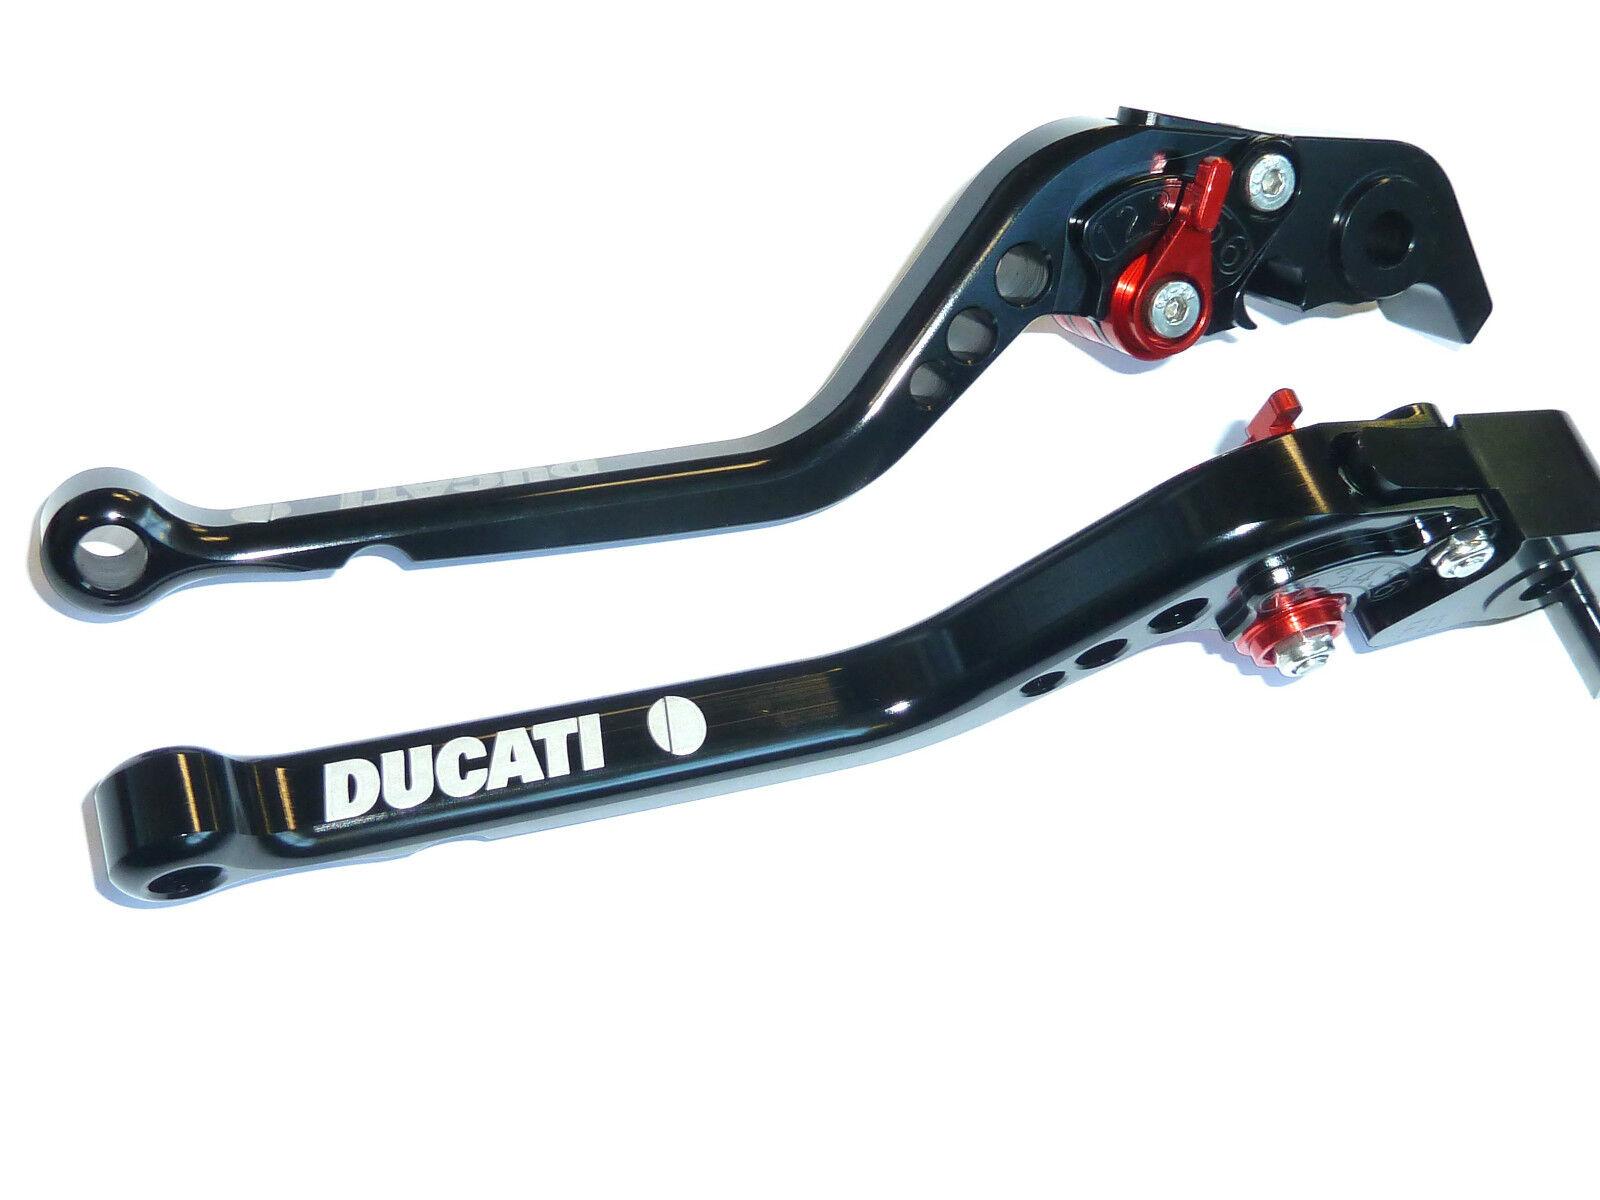 Ducati 899 Panigale 2014-2015 Bremse Bremse Bremse und Kupplungshebel Satz Straßen Rennen Spur 90c176